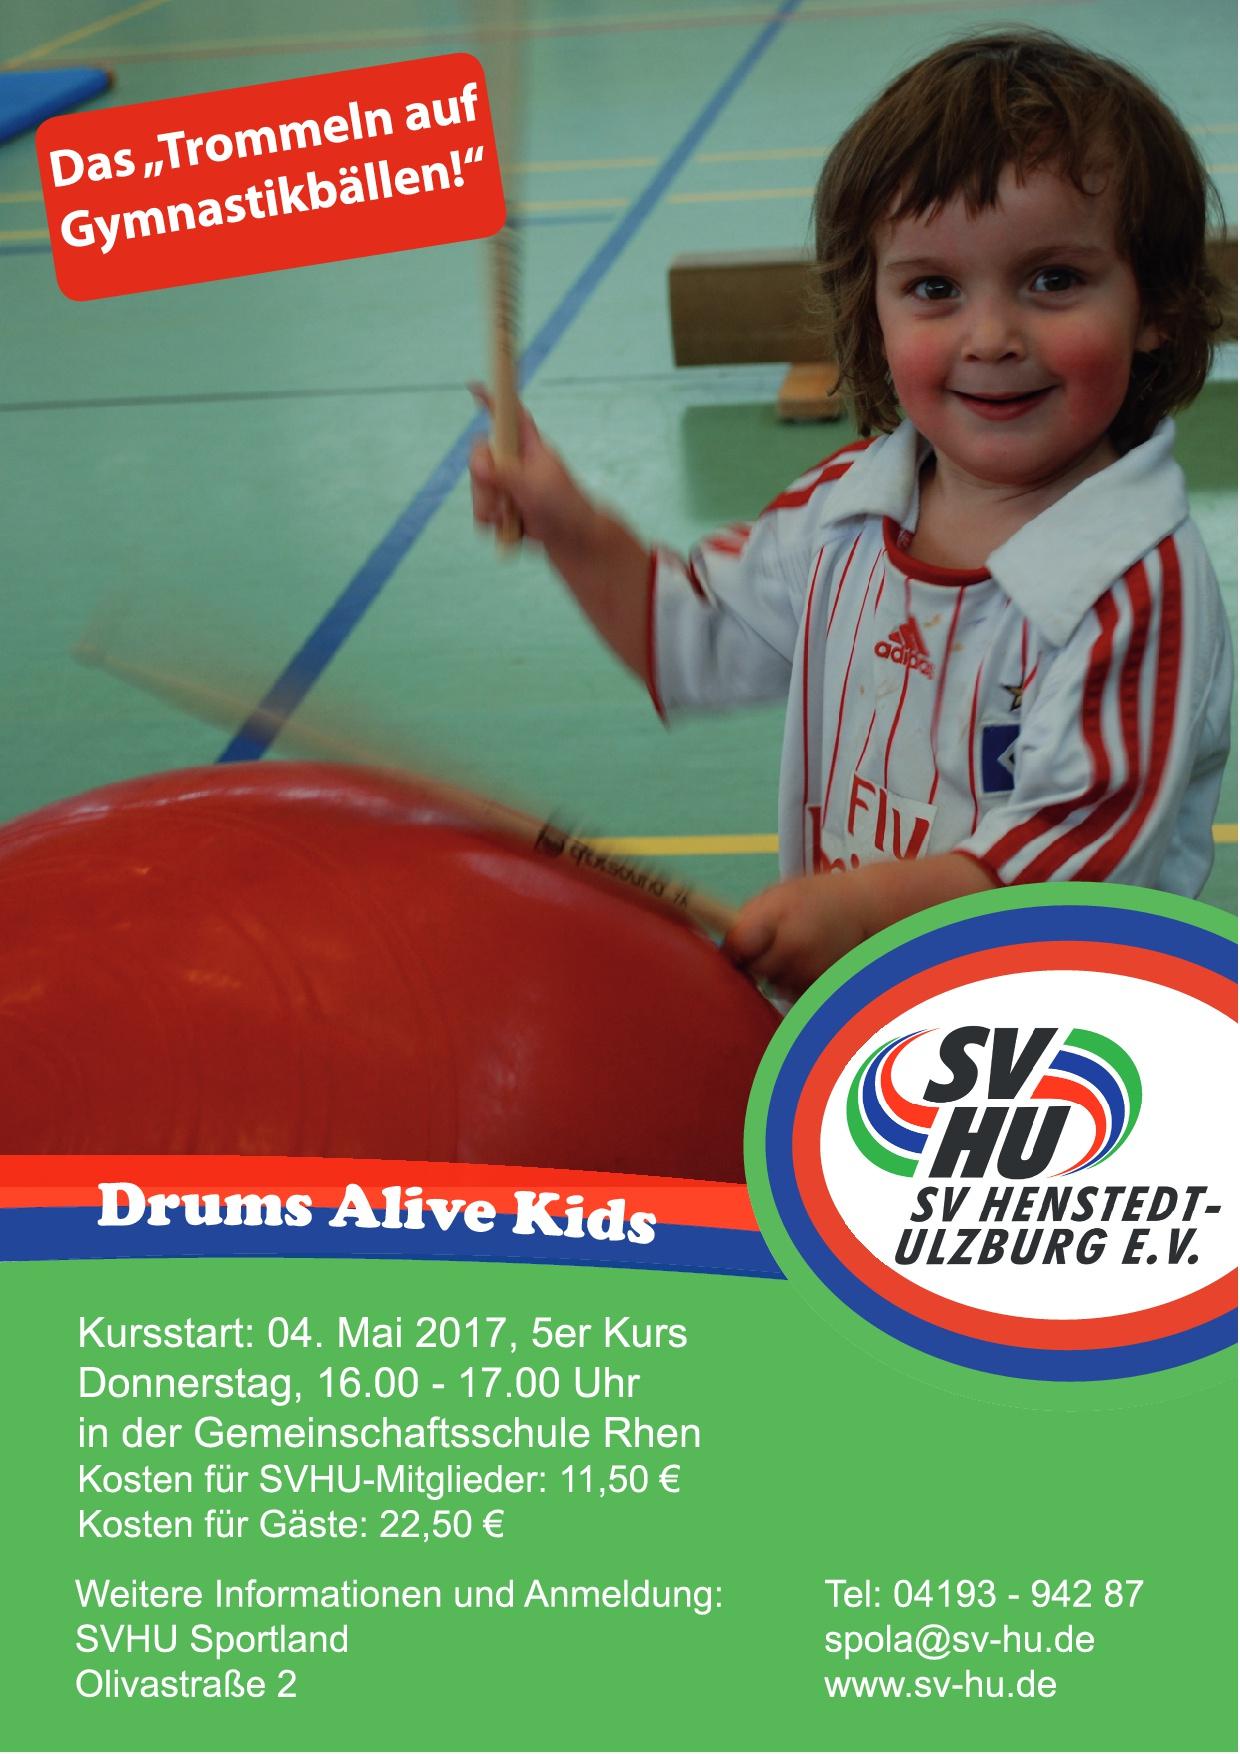 DrumsAliveKids